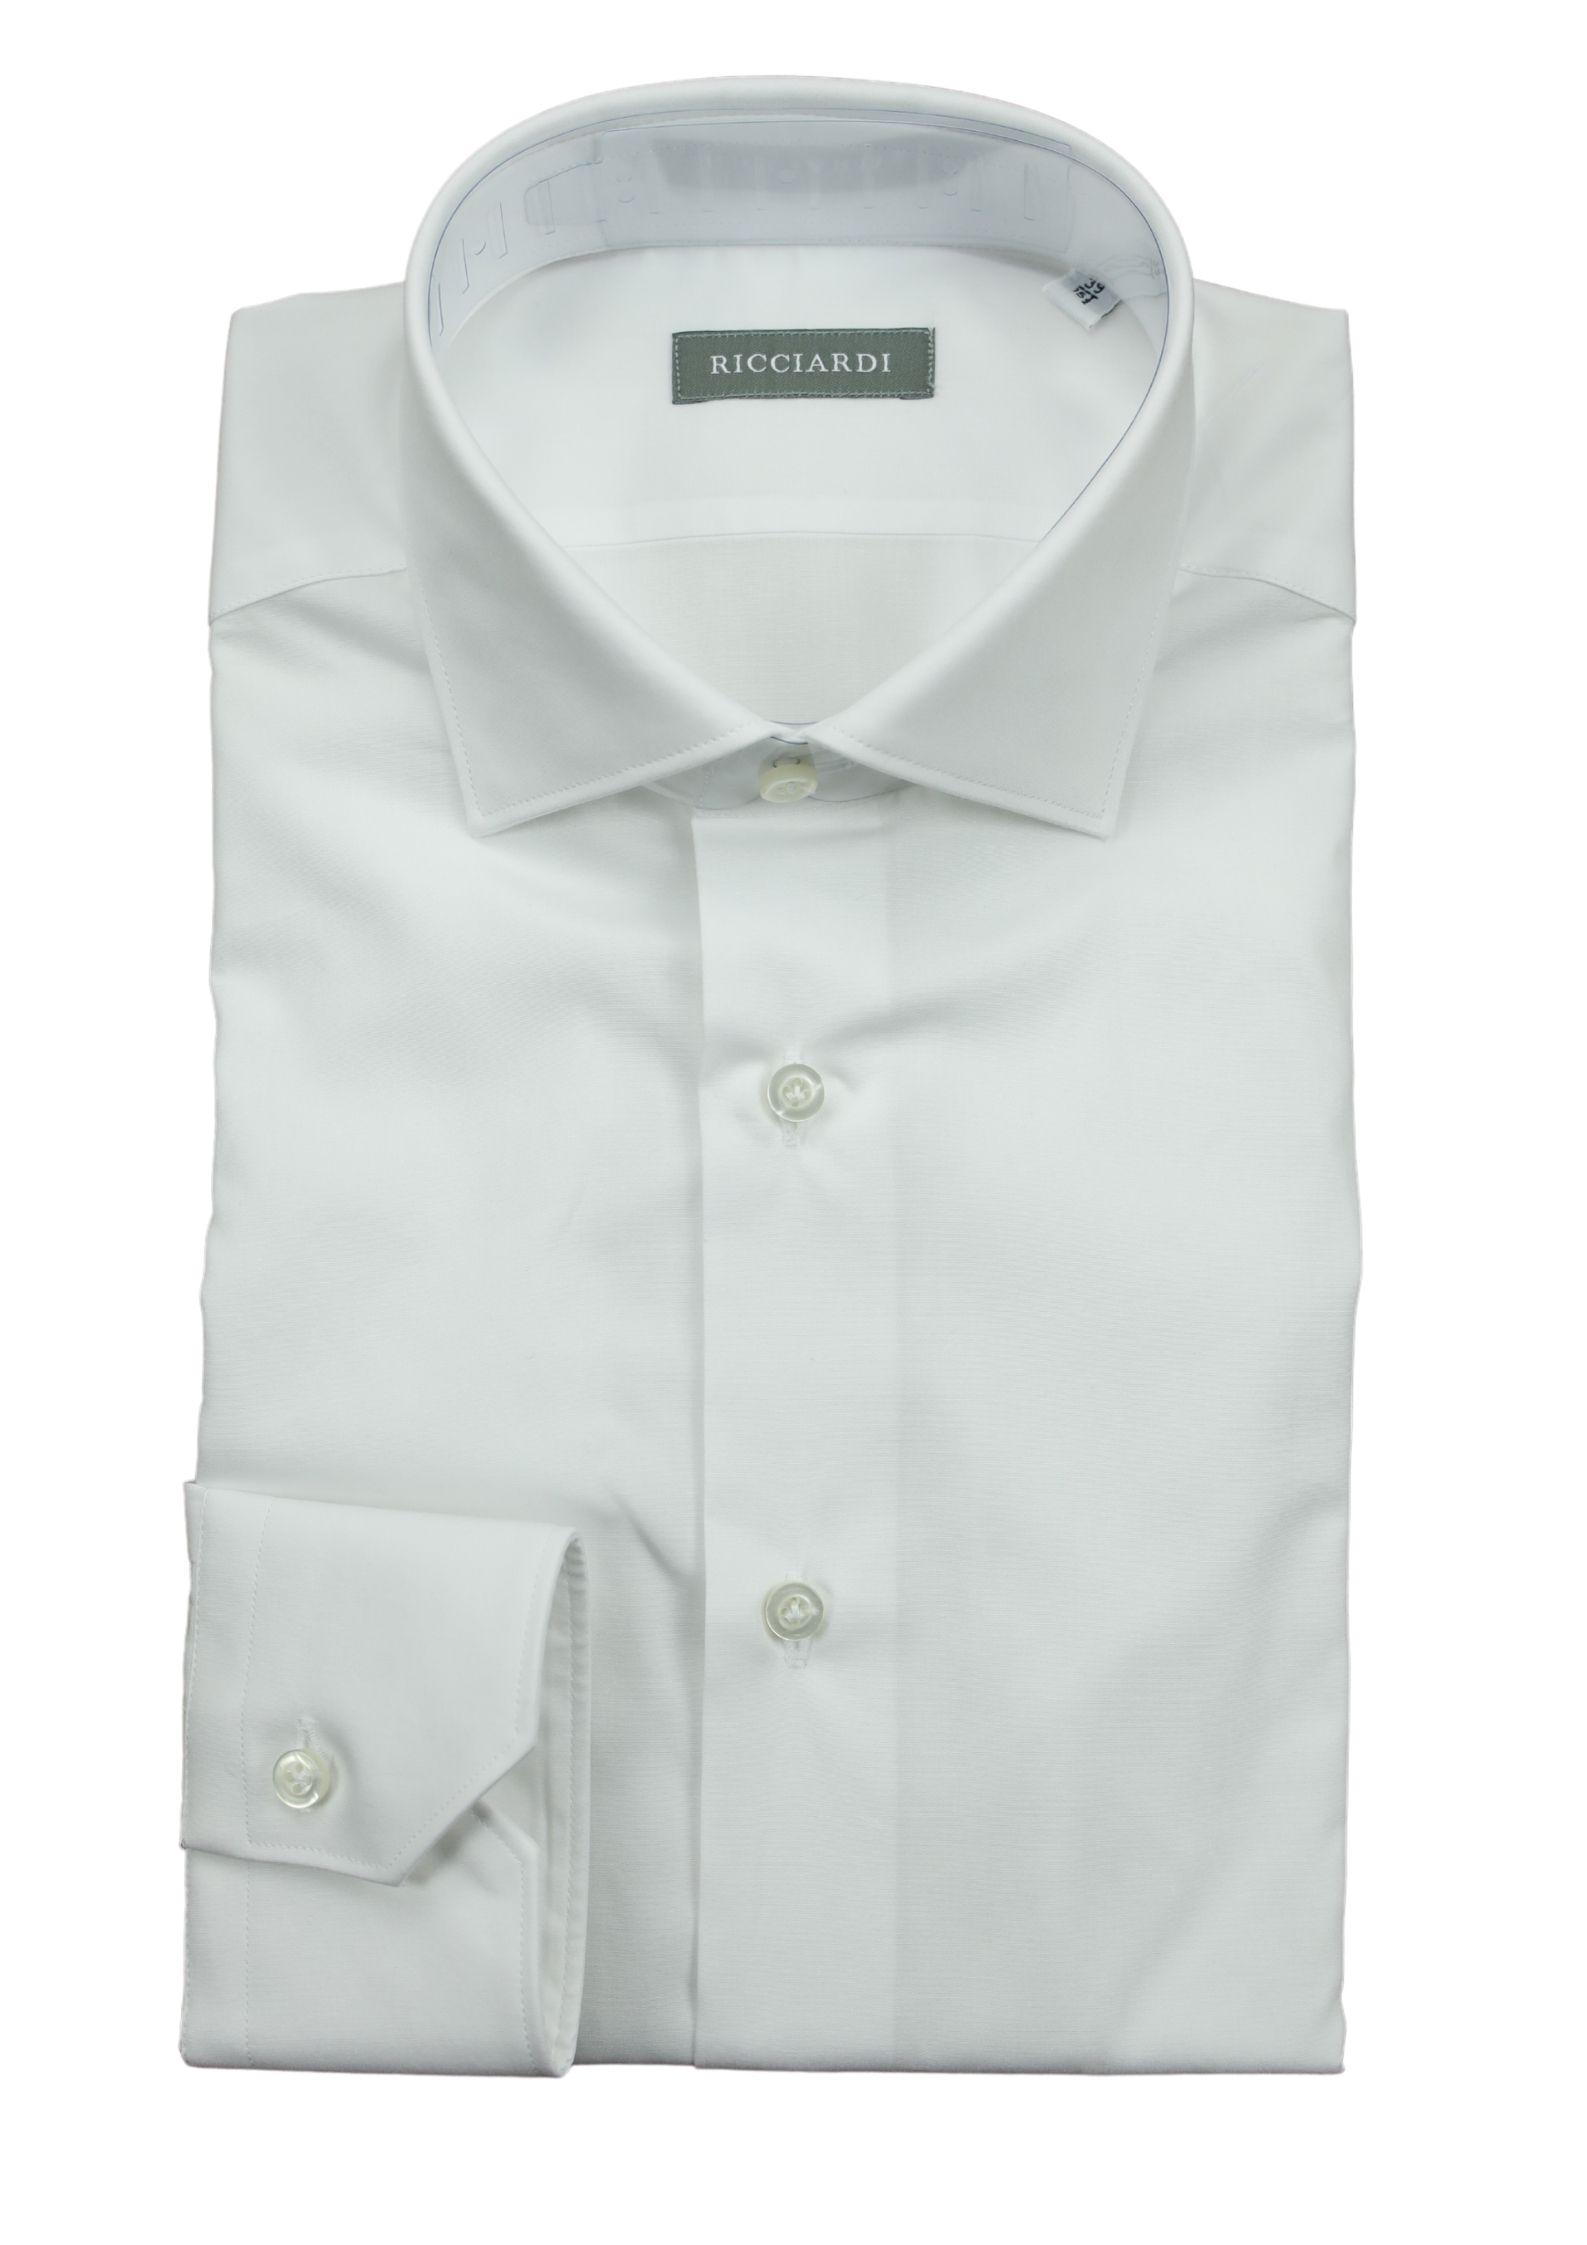 RICCIARDI   Shirts   GIO REG661 01